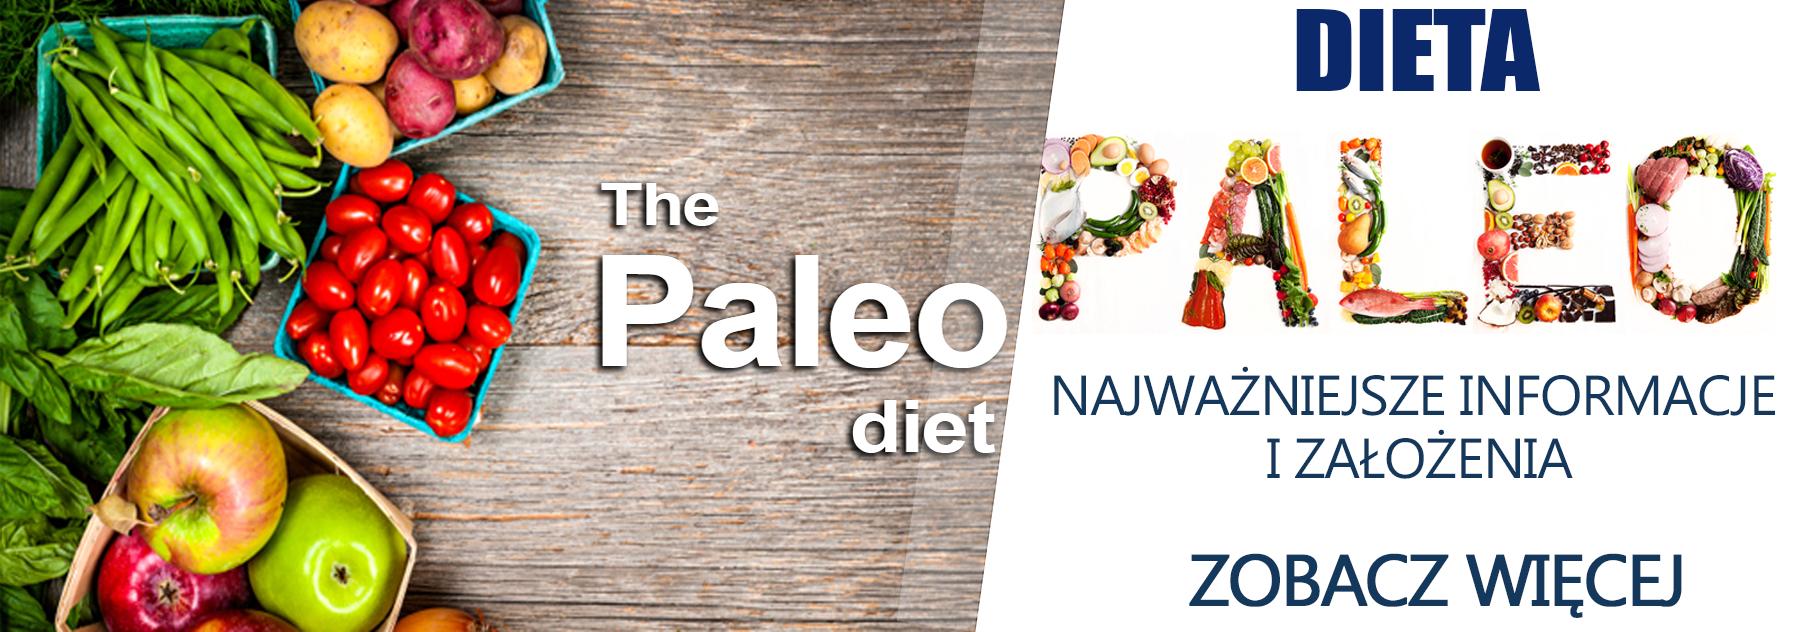 Dieta Paleo Najwazniejsze Informacje I Zalozenia Blog